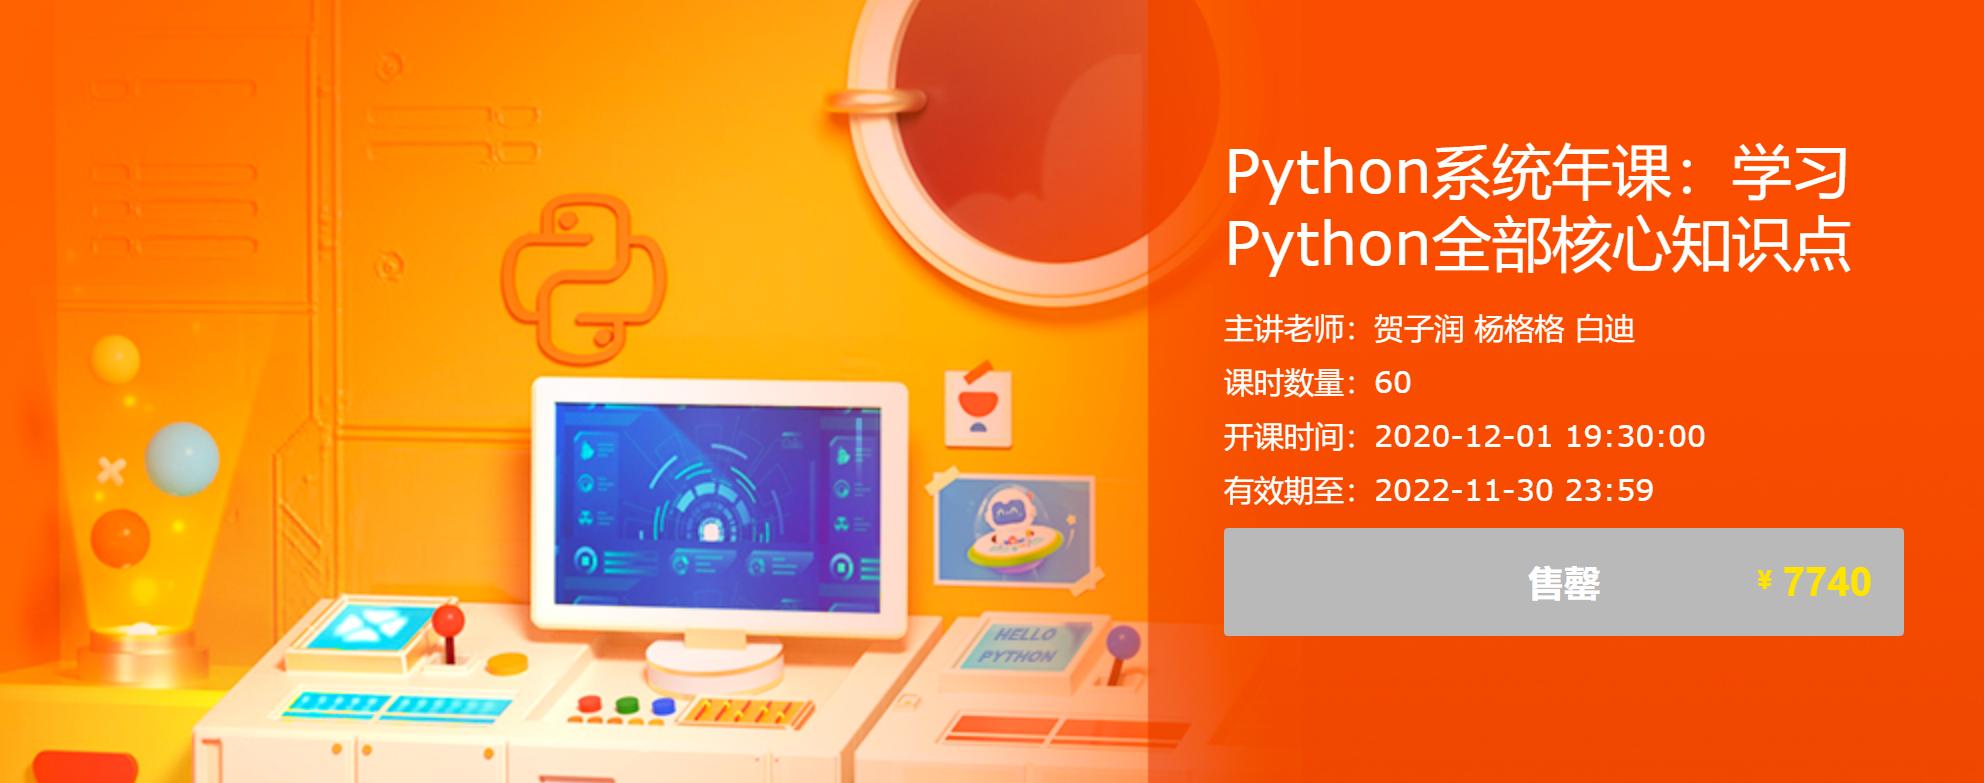 有道精品Python系统年课:学习Python全部核心知识点,快一步接触人工智能!